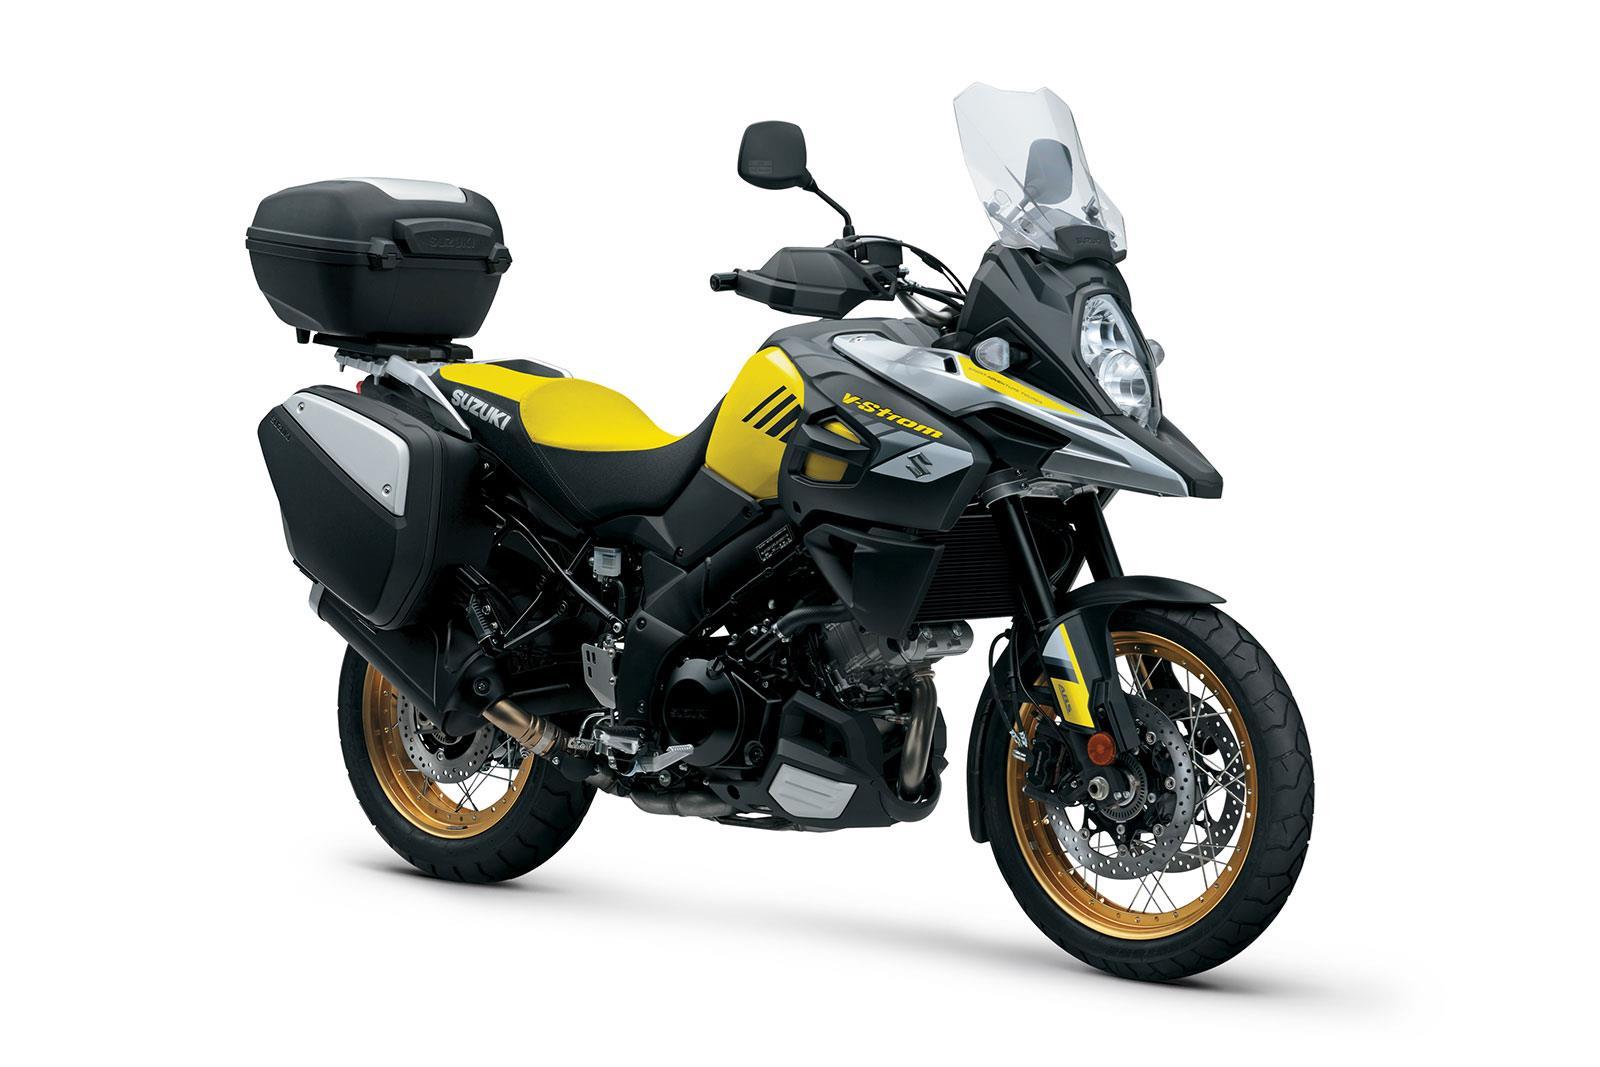 Suzuki's V-Strom range gets GT upgrades   MCN